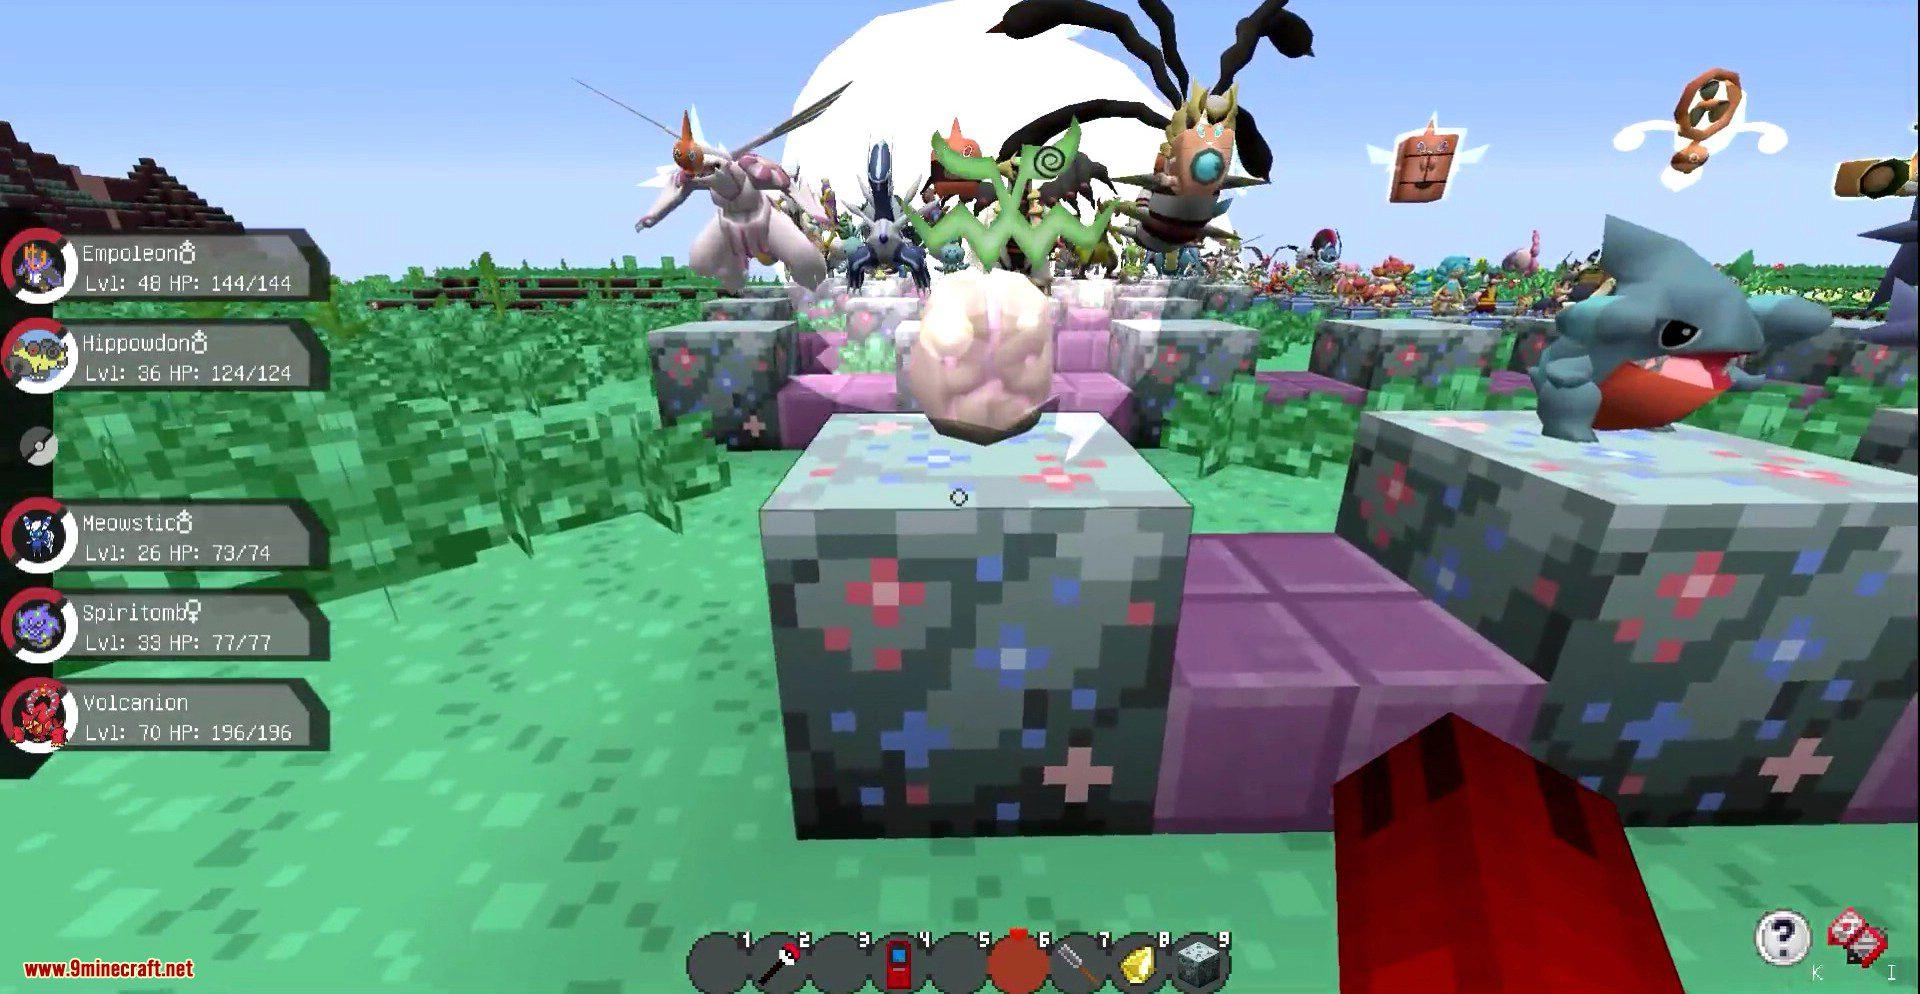 minecraft servers 1.8 9 pixelmon